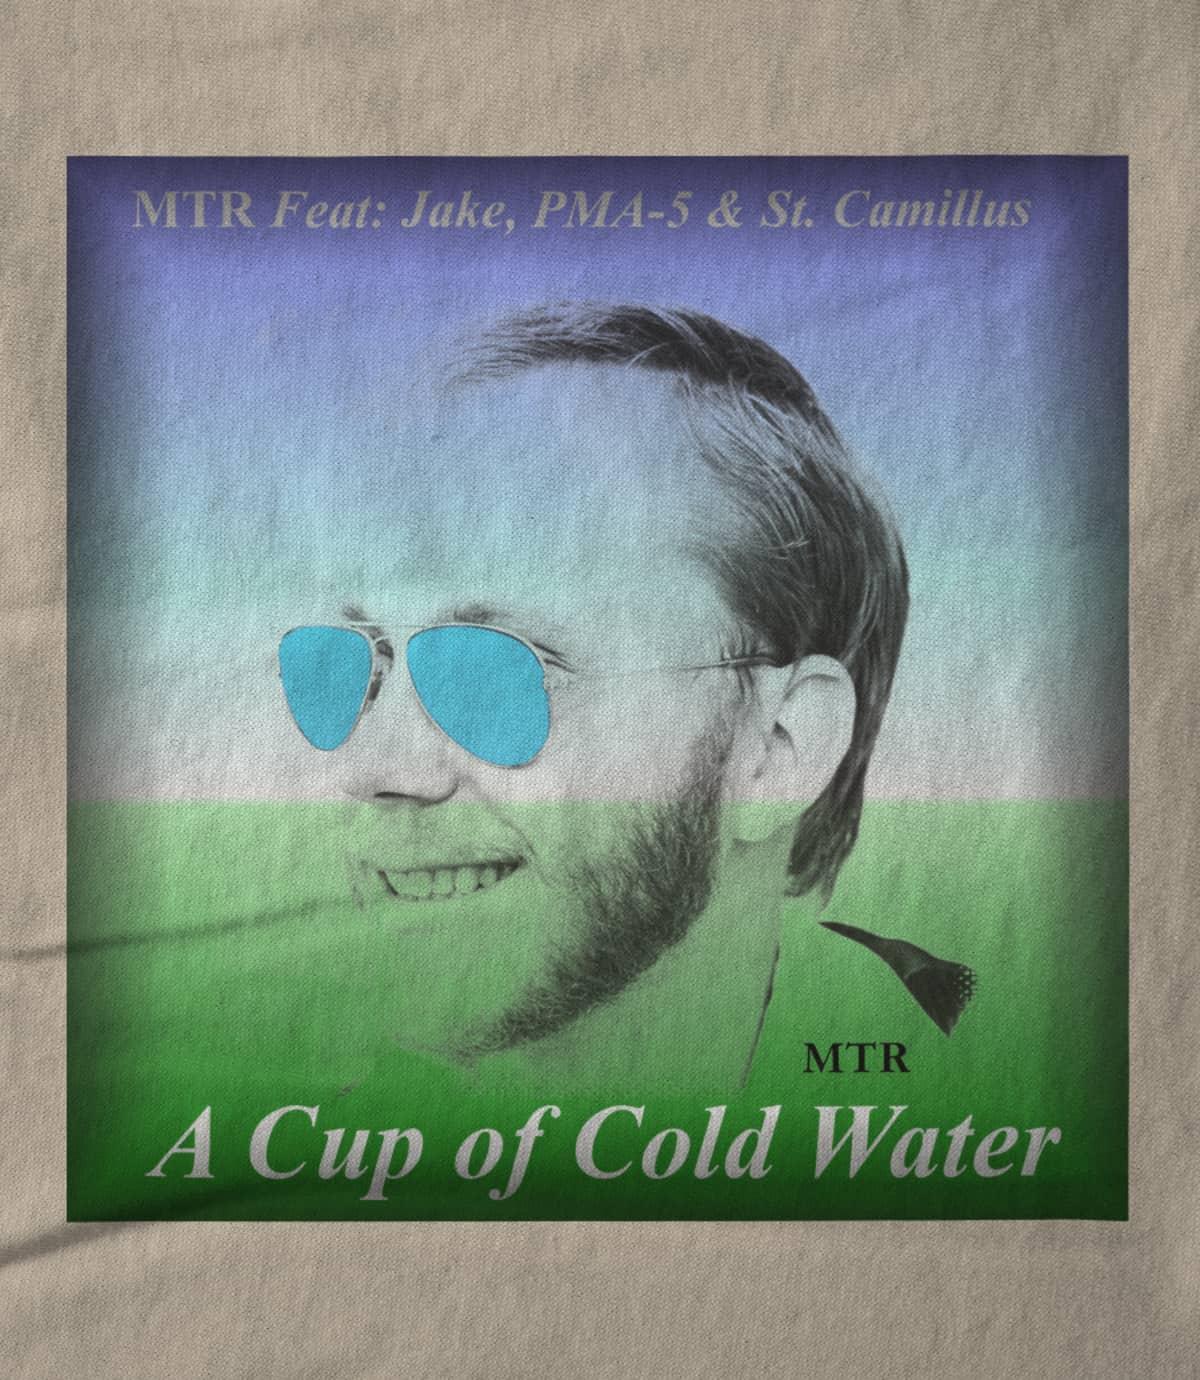 Michael resch  a cup of cold water  3d album art 1607886041